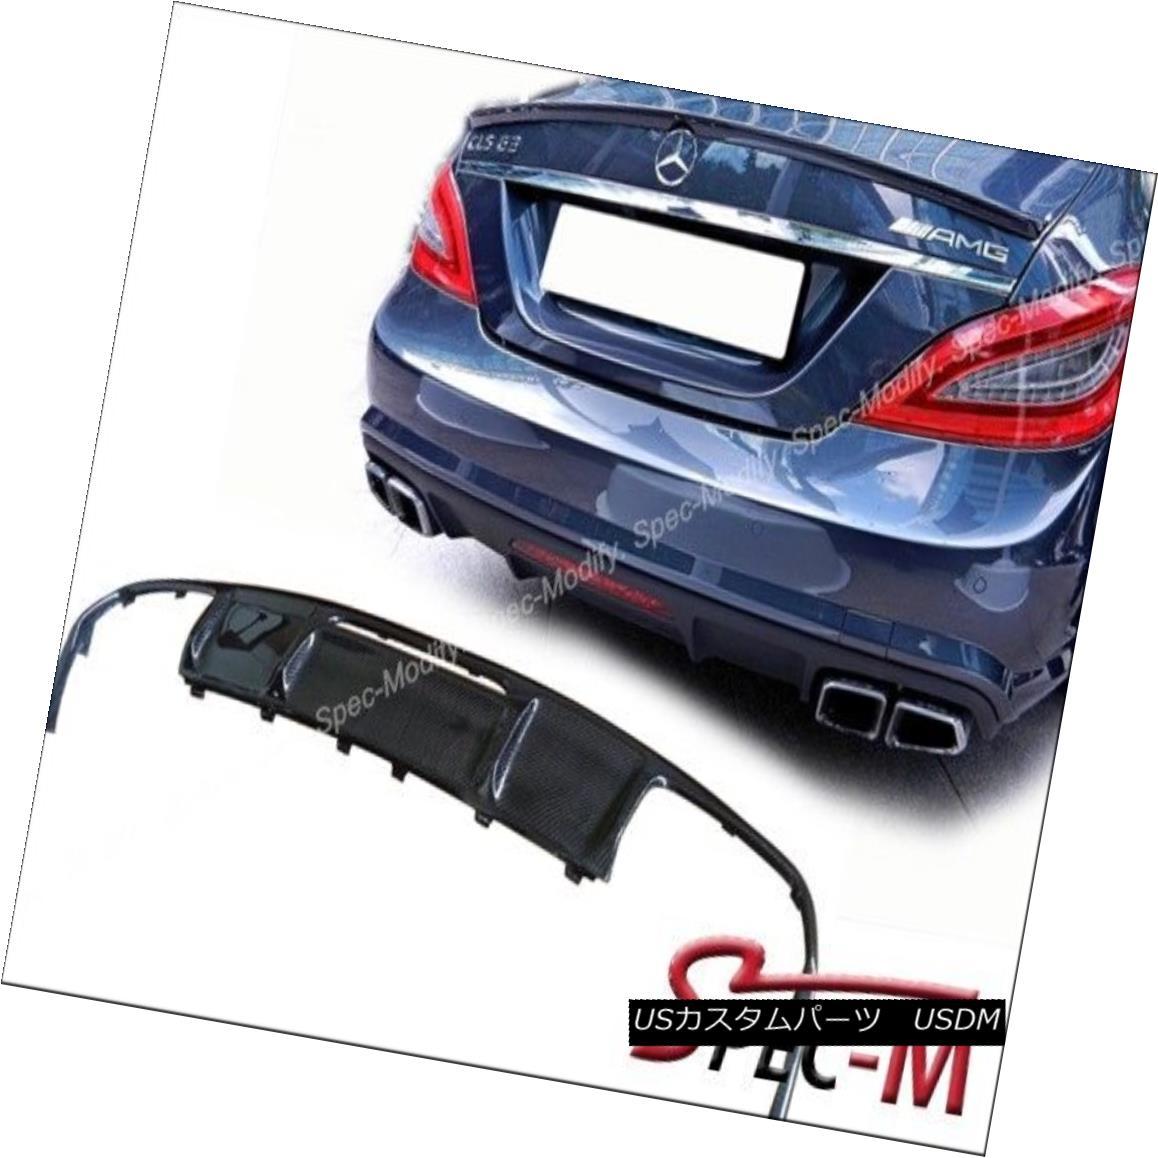 エアロパーツ CLS63 AMG Carbon Fiber Rear Bumper Diffuser for 2011+ W218 CLS63 CLS550 CLS500 2011年のCLS63 AMGカーボンファイバーリアバンパーディフューザー+ W218 CLS63 CLS550 CLS500